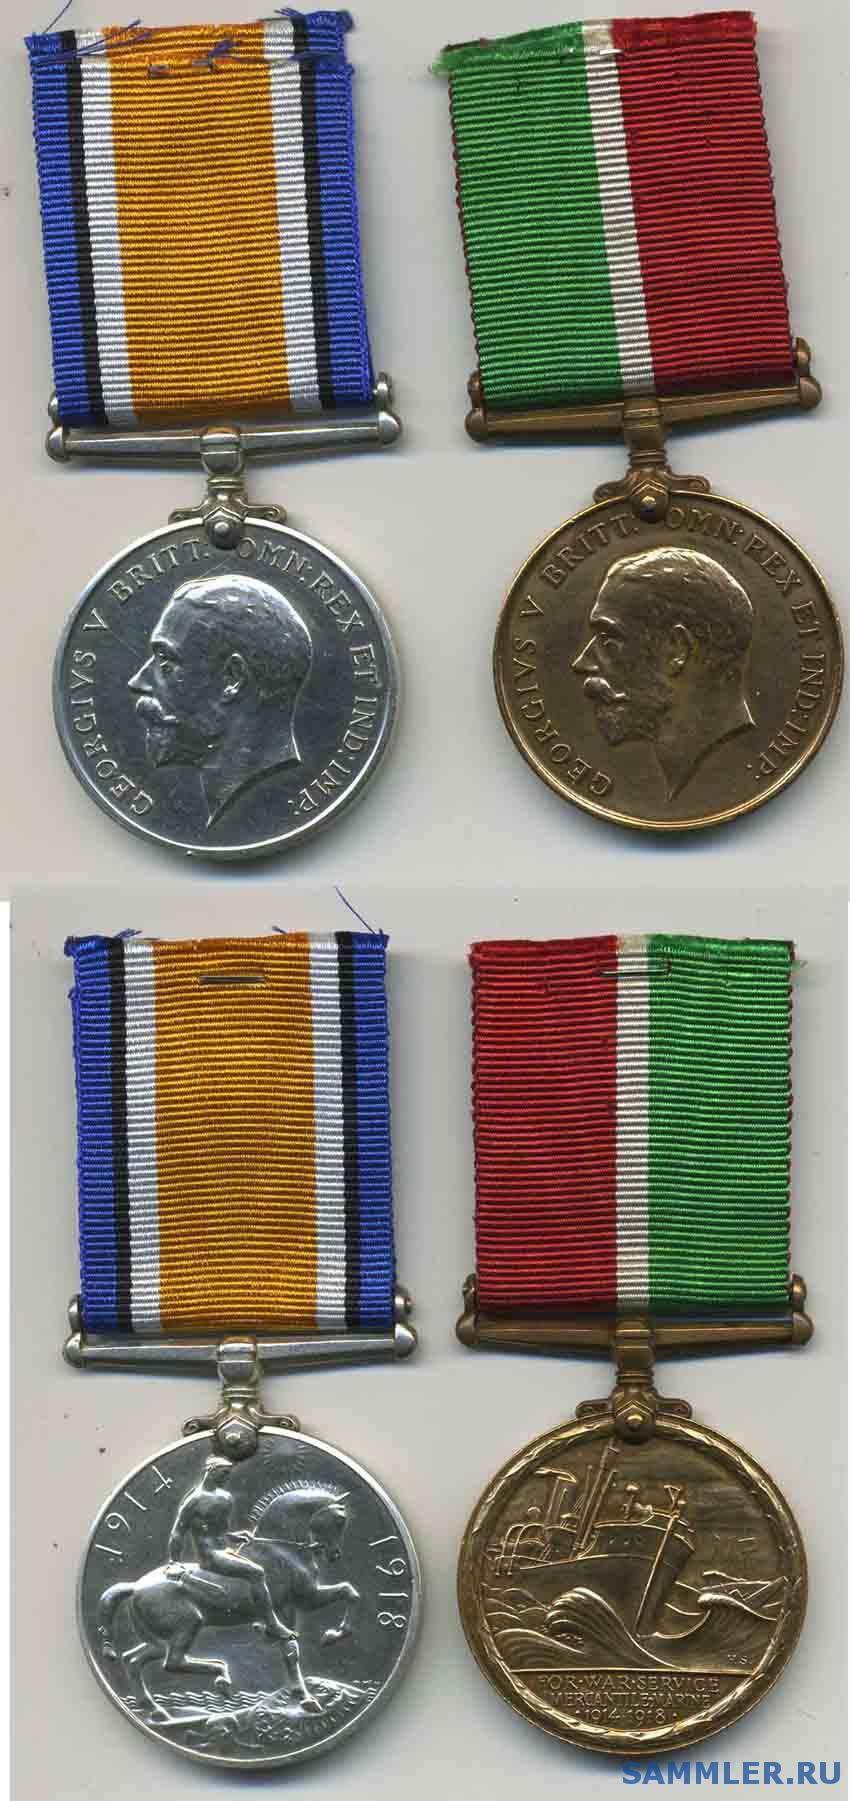 Mercant_Marine_Medal_War_Medal.jpg